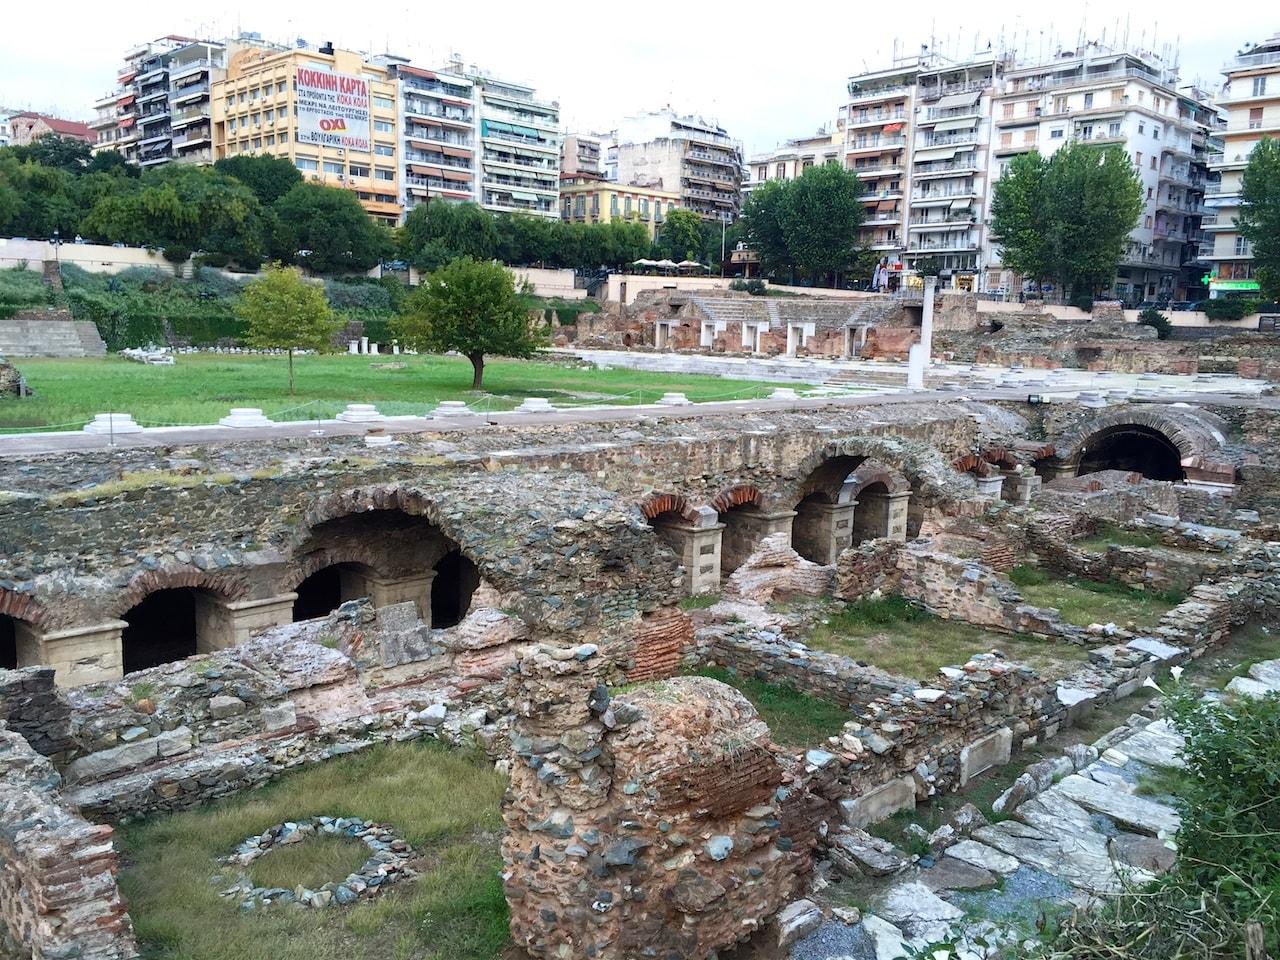 Geschichtsträchtig: Das römische Forum mitten in Thessaloniki.